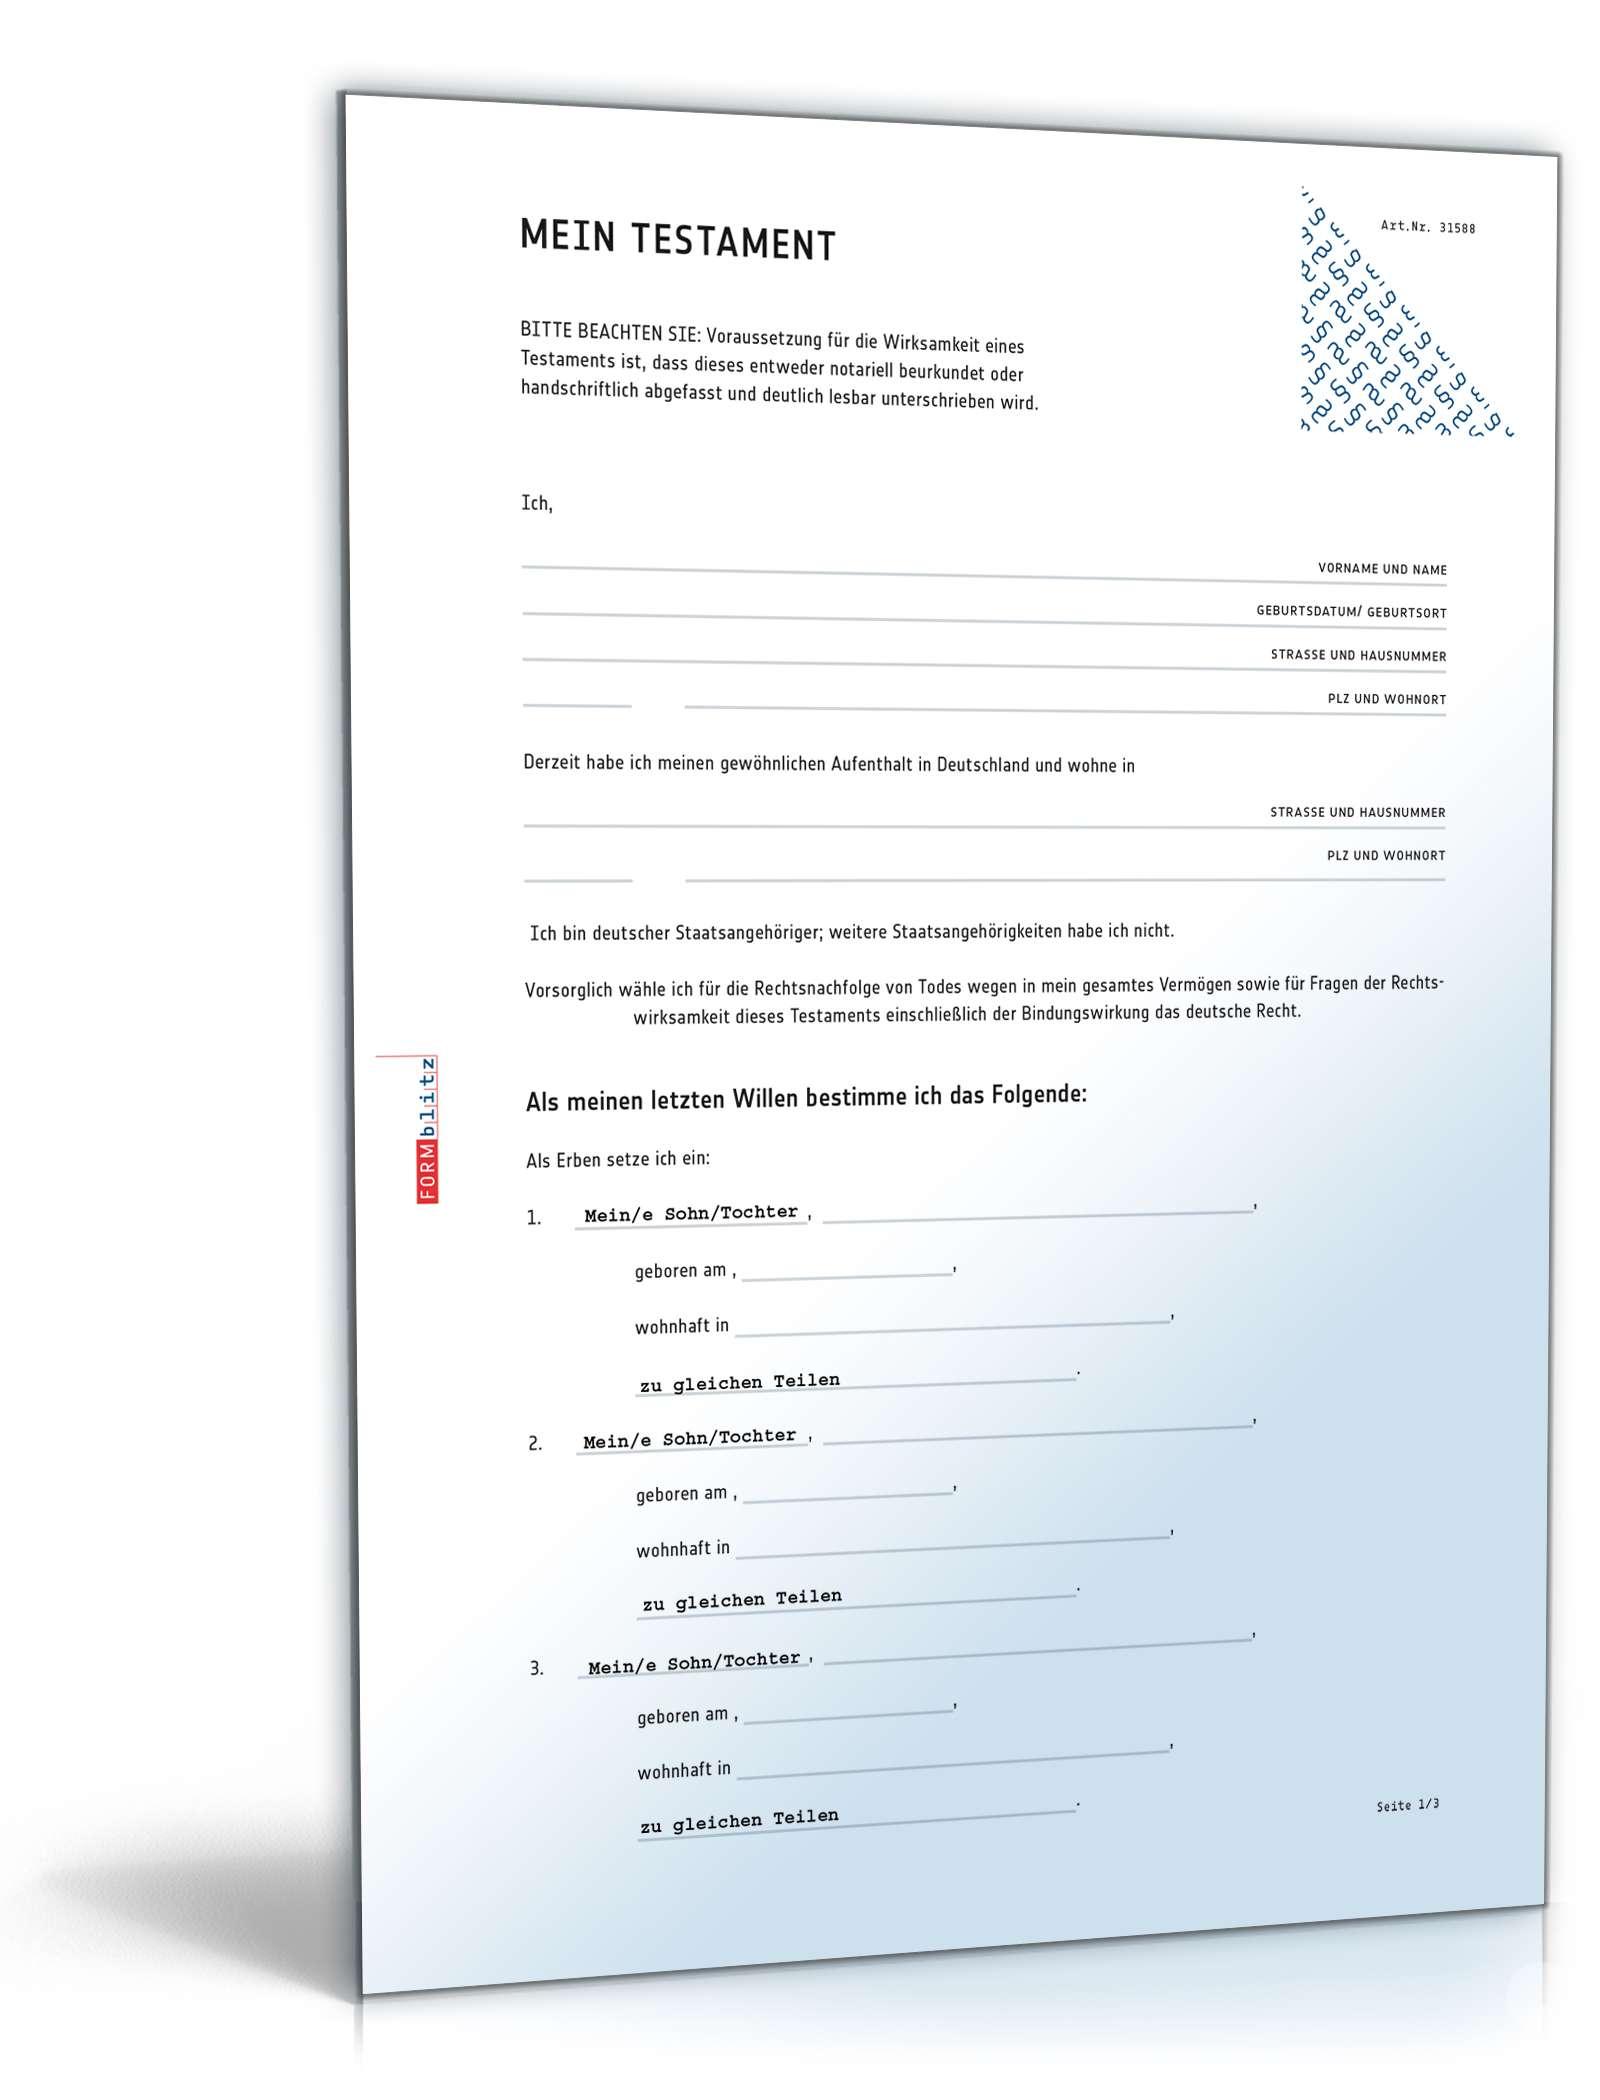 Testament Formulare Zu Testamentarten Mit Tipps Infos